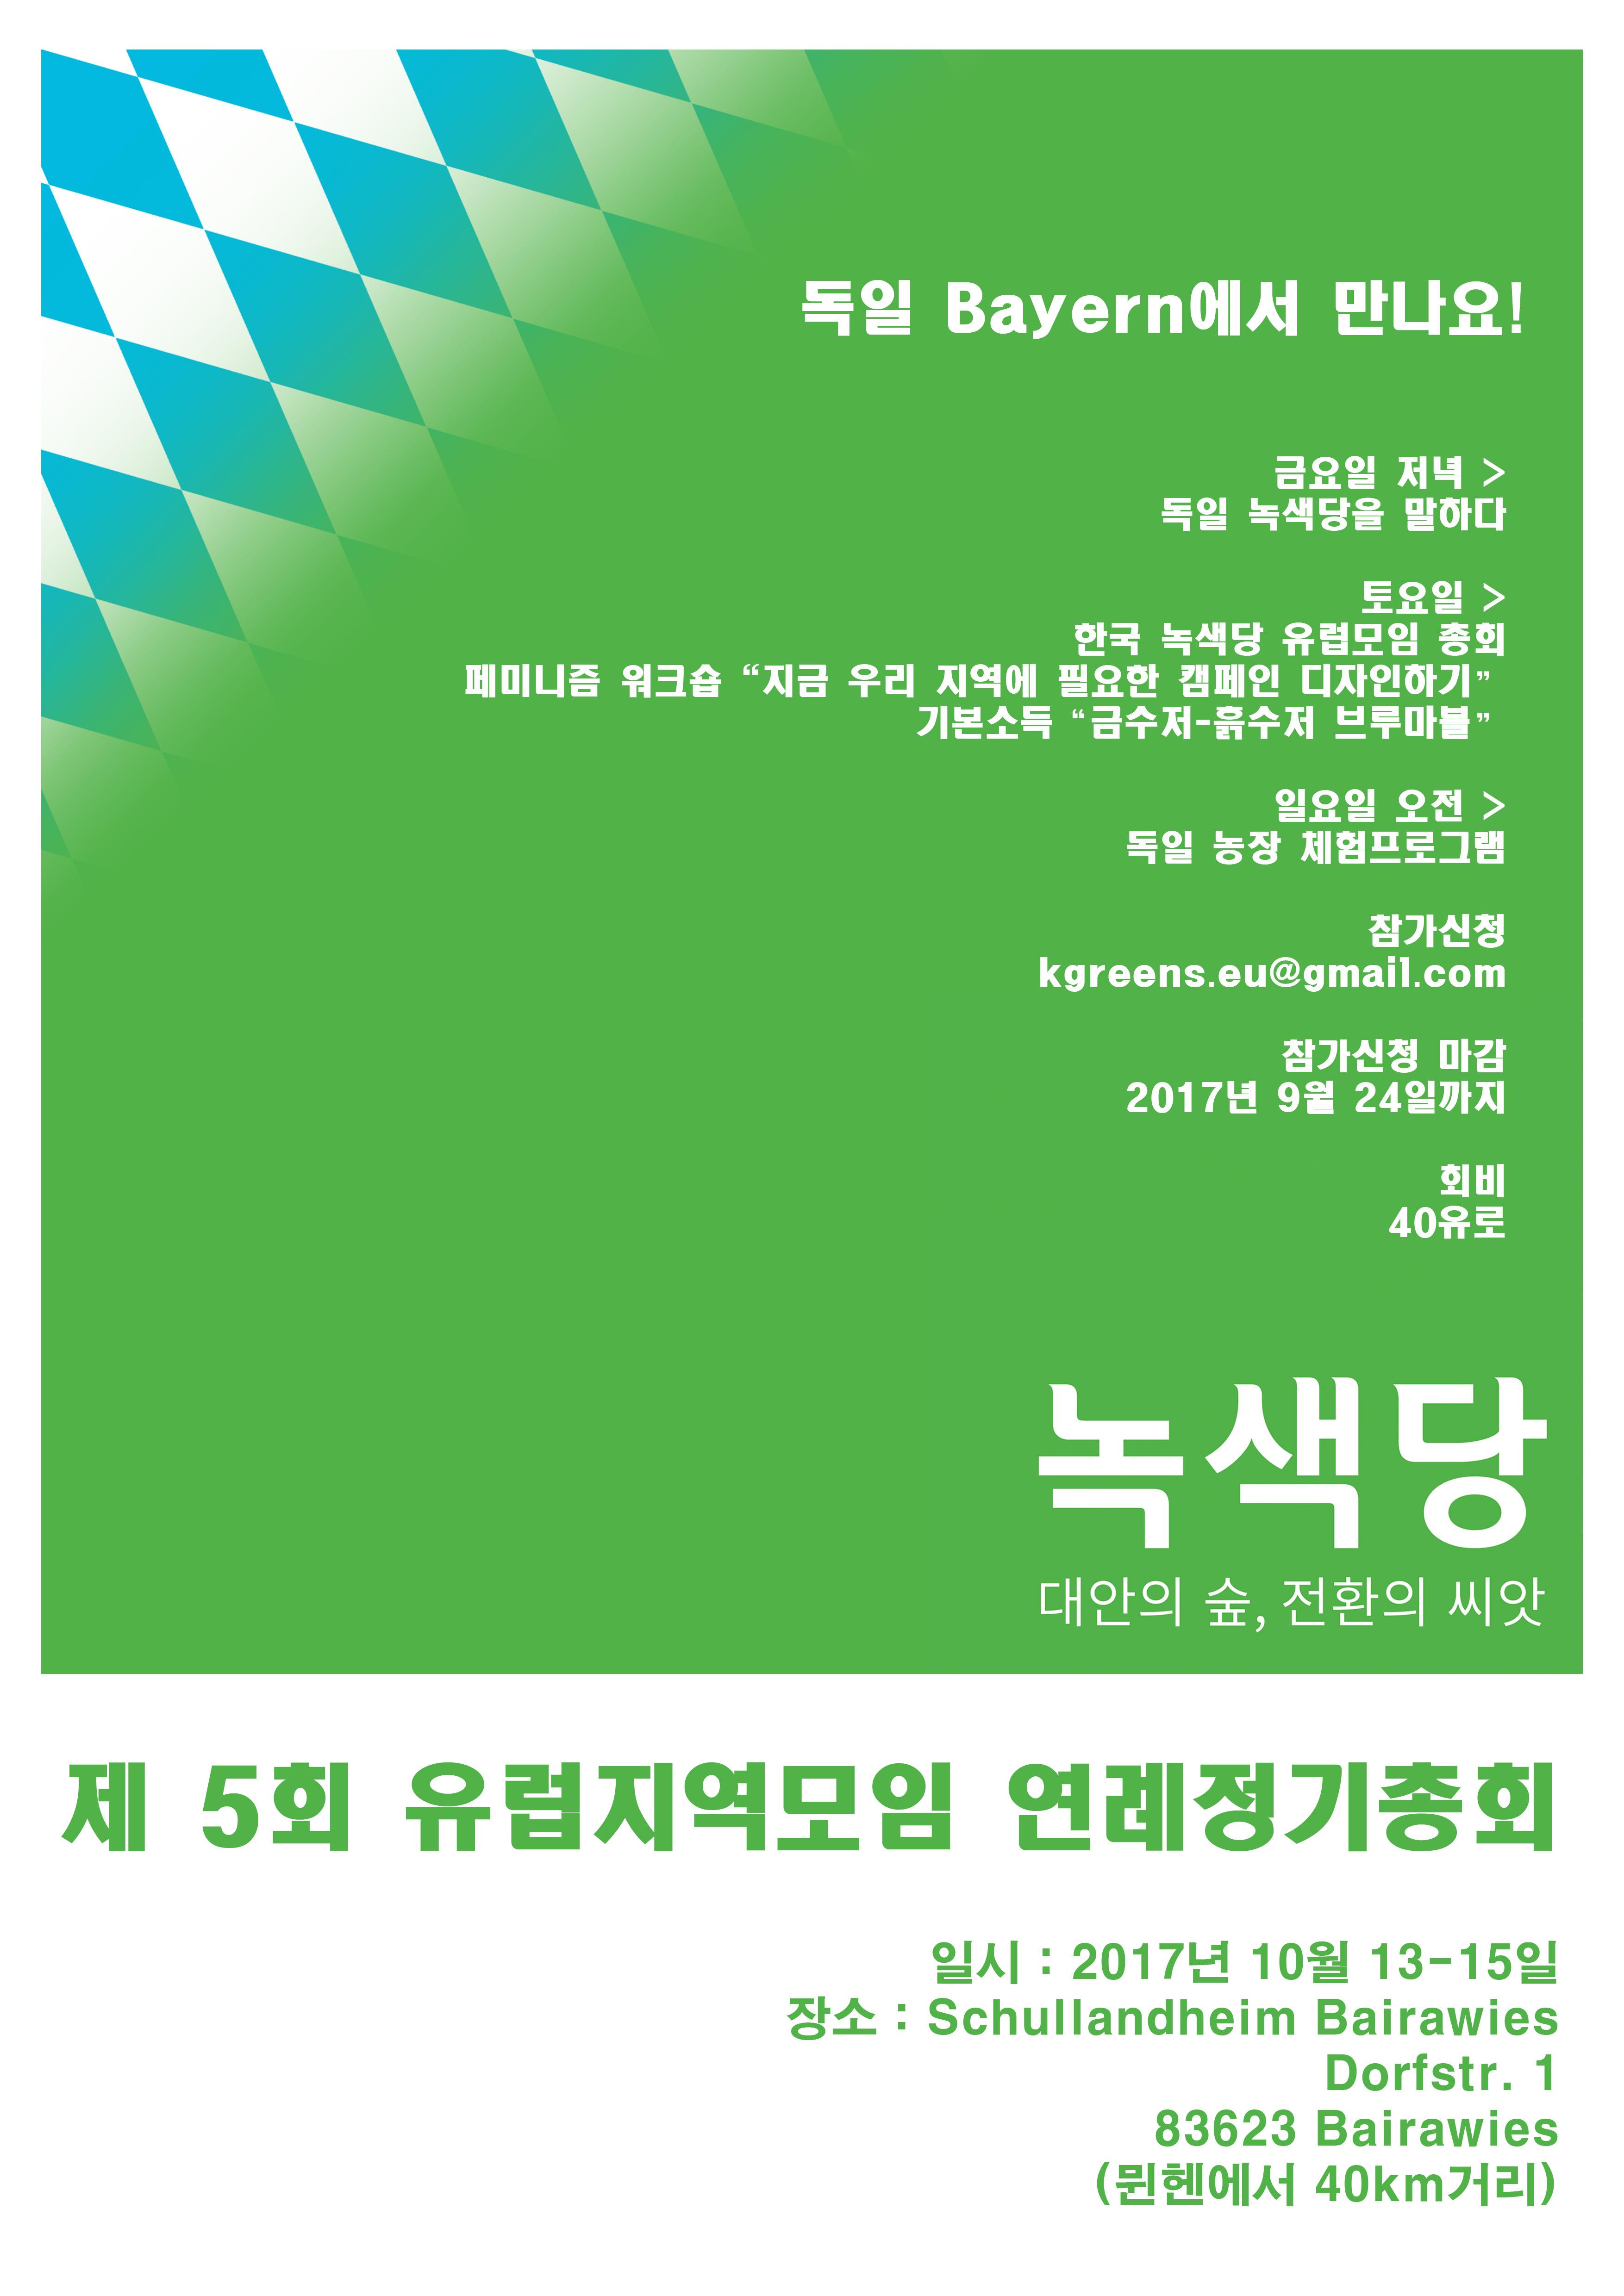 2017 녹색당 유럽모임 총회 포스터.jpg